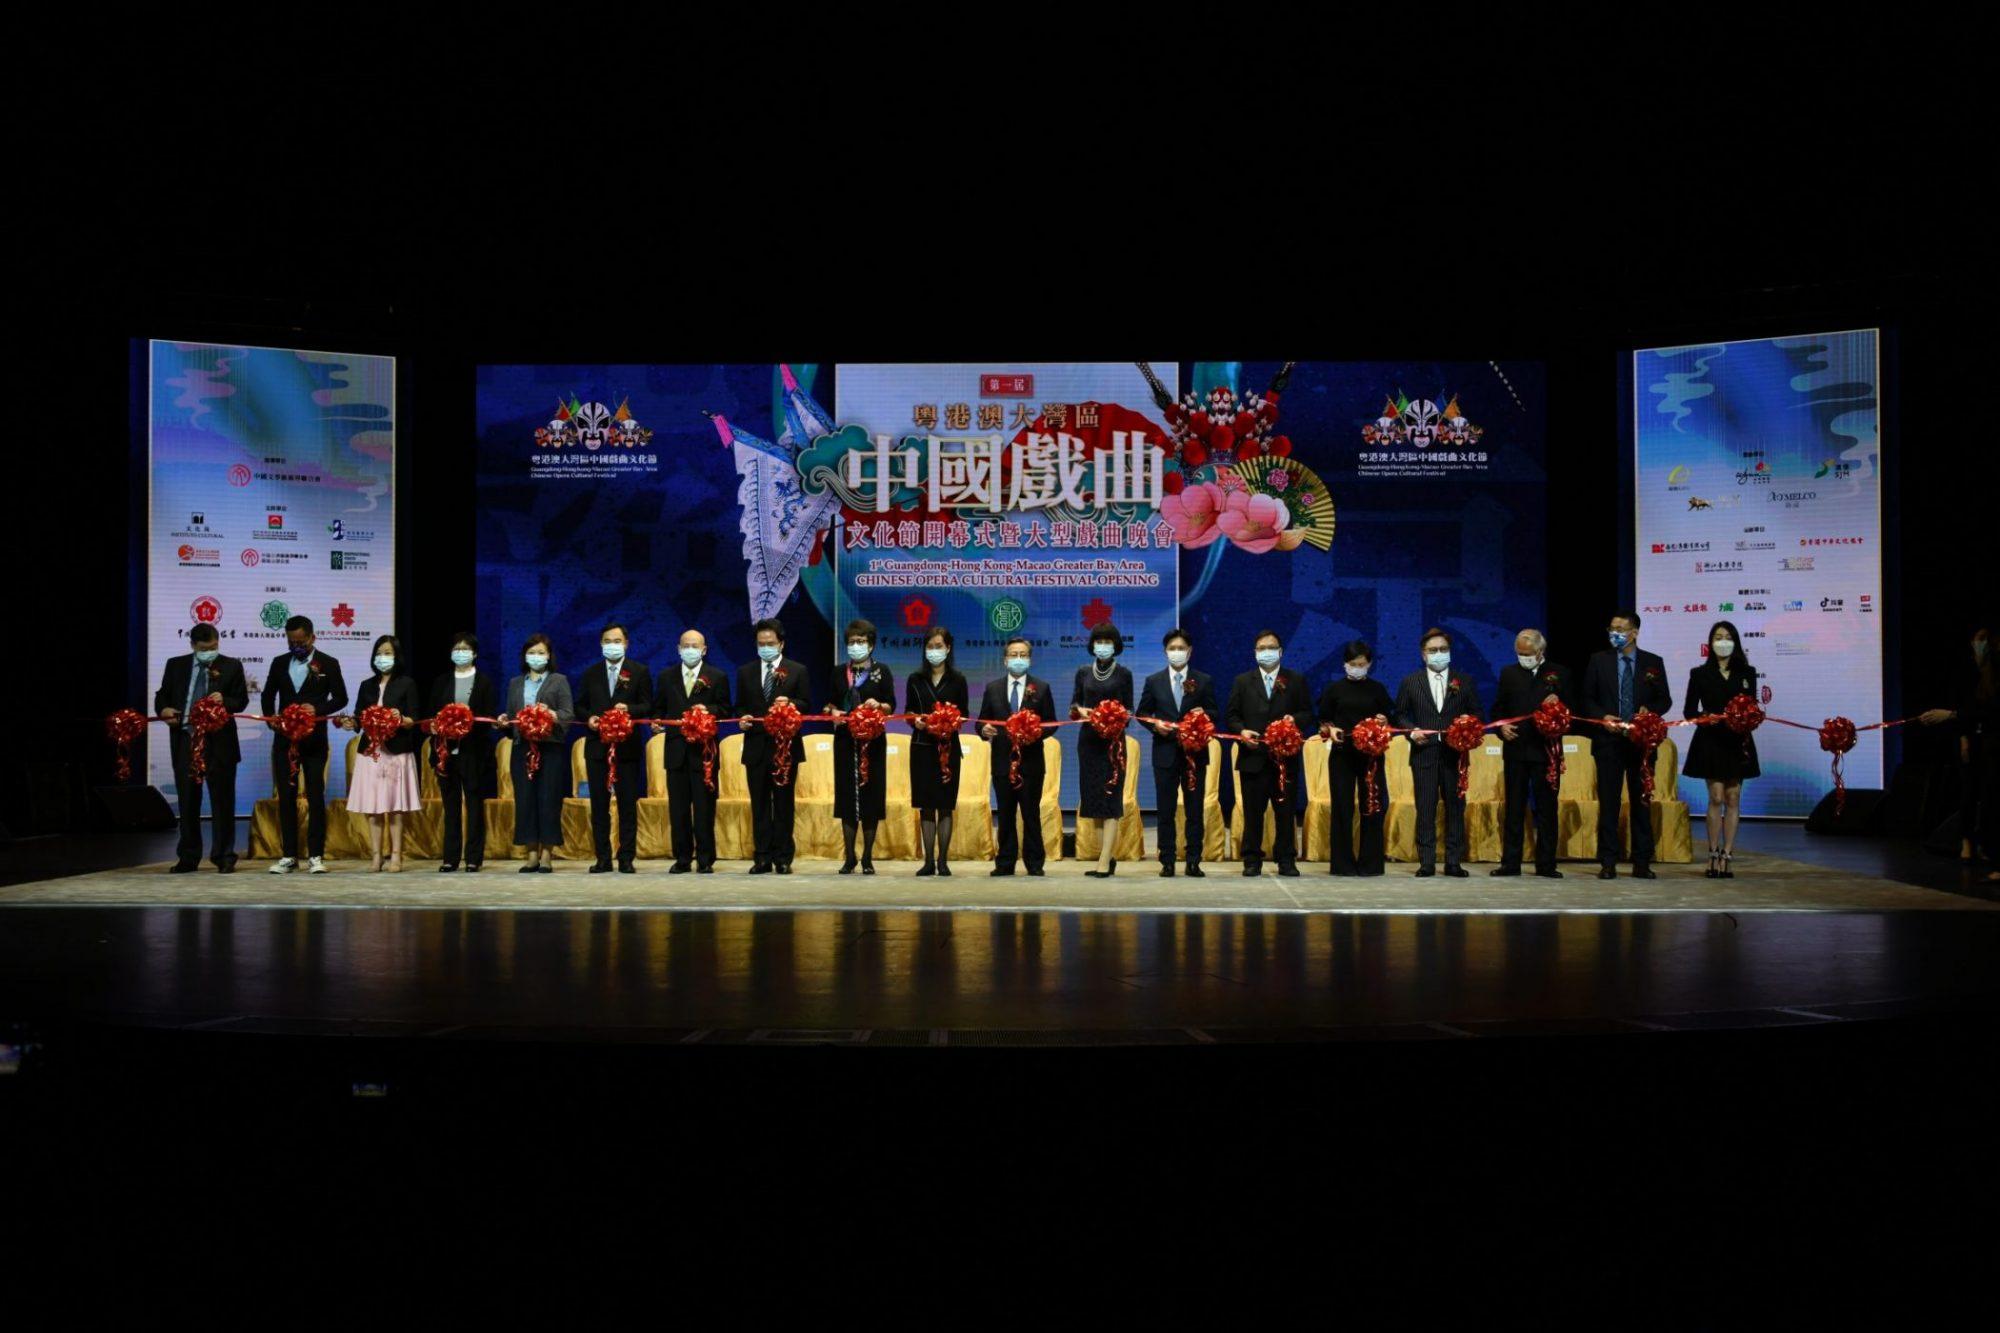 太陽城首贊助中國戲曲文化節 弘揚中華傳統助力建設文化灣區